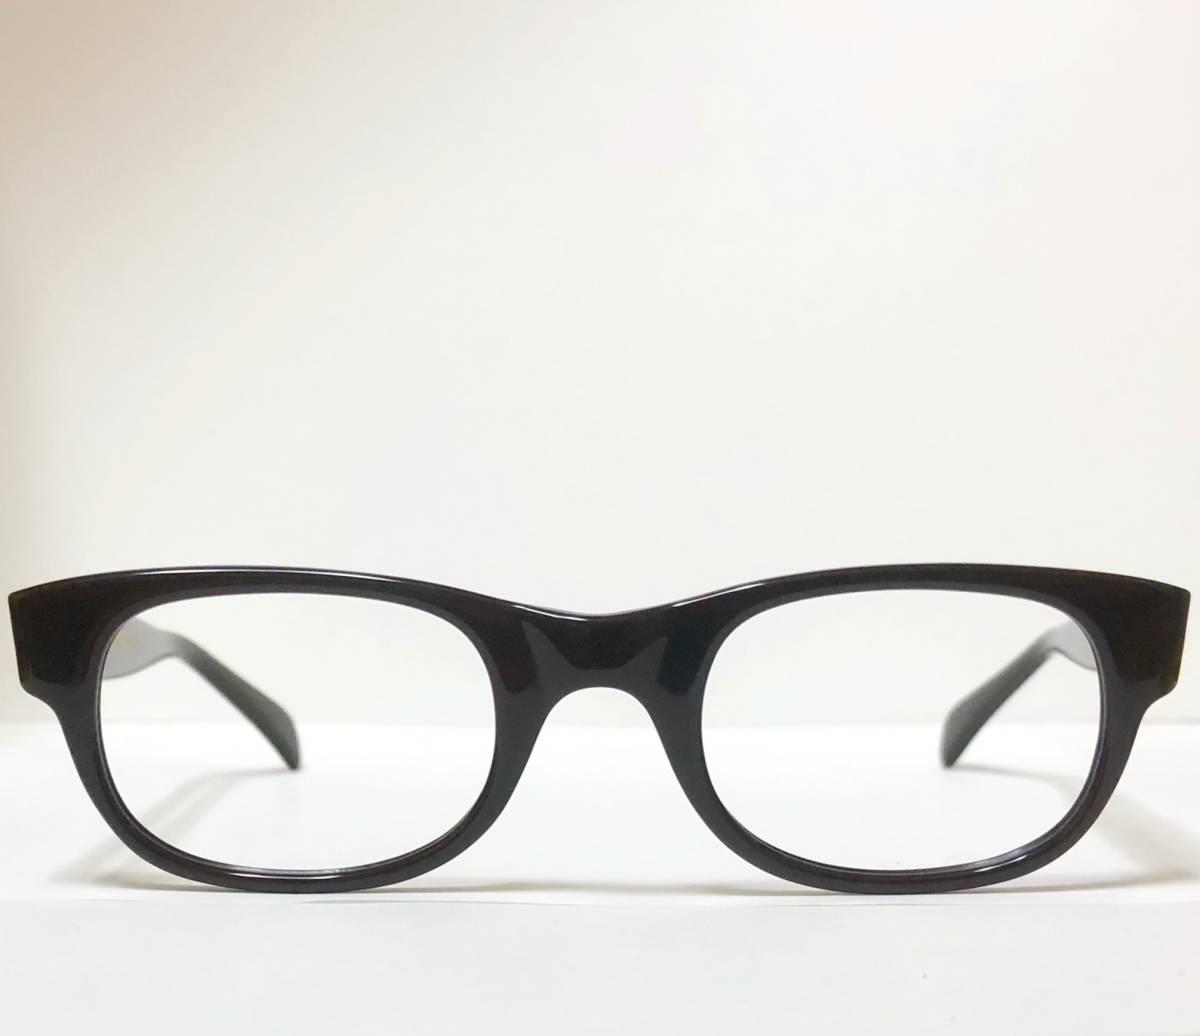 新品・1960年代頃】アメリカンオプティカル All純正 AO メガネ American Optical 米国製 ビンテージ ヴィンテージ_画像2